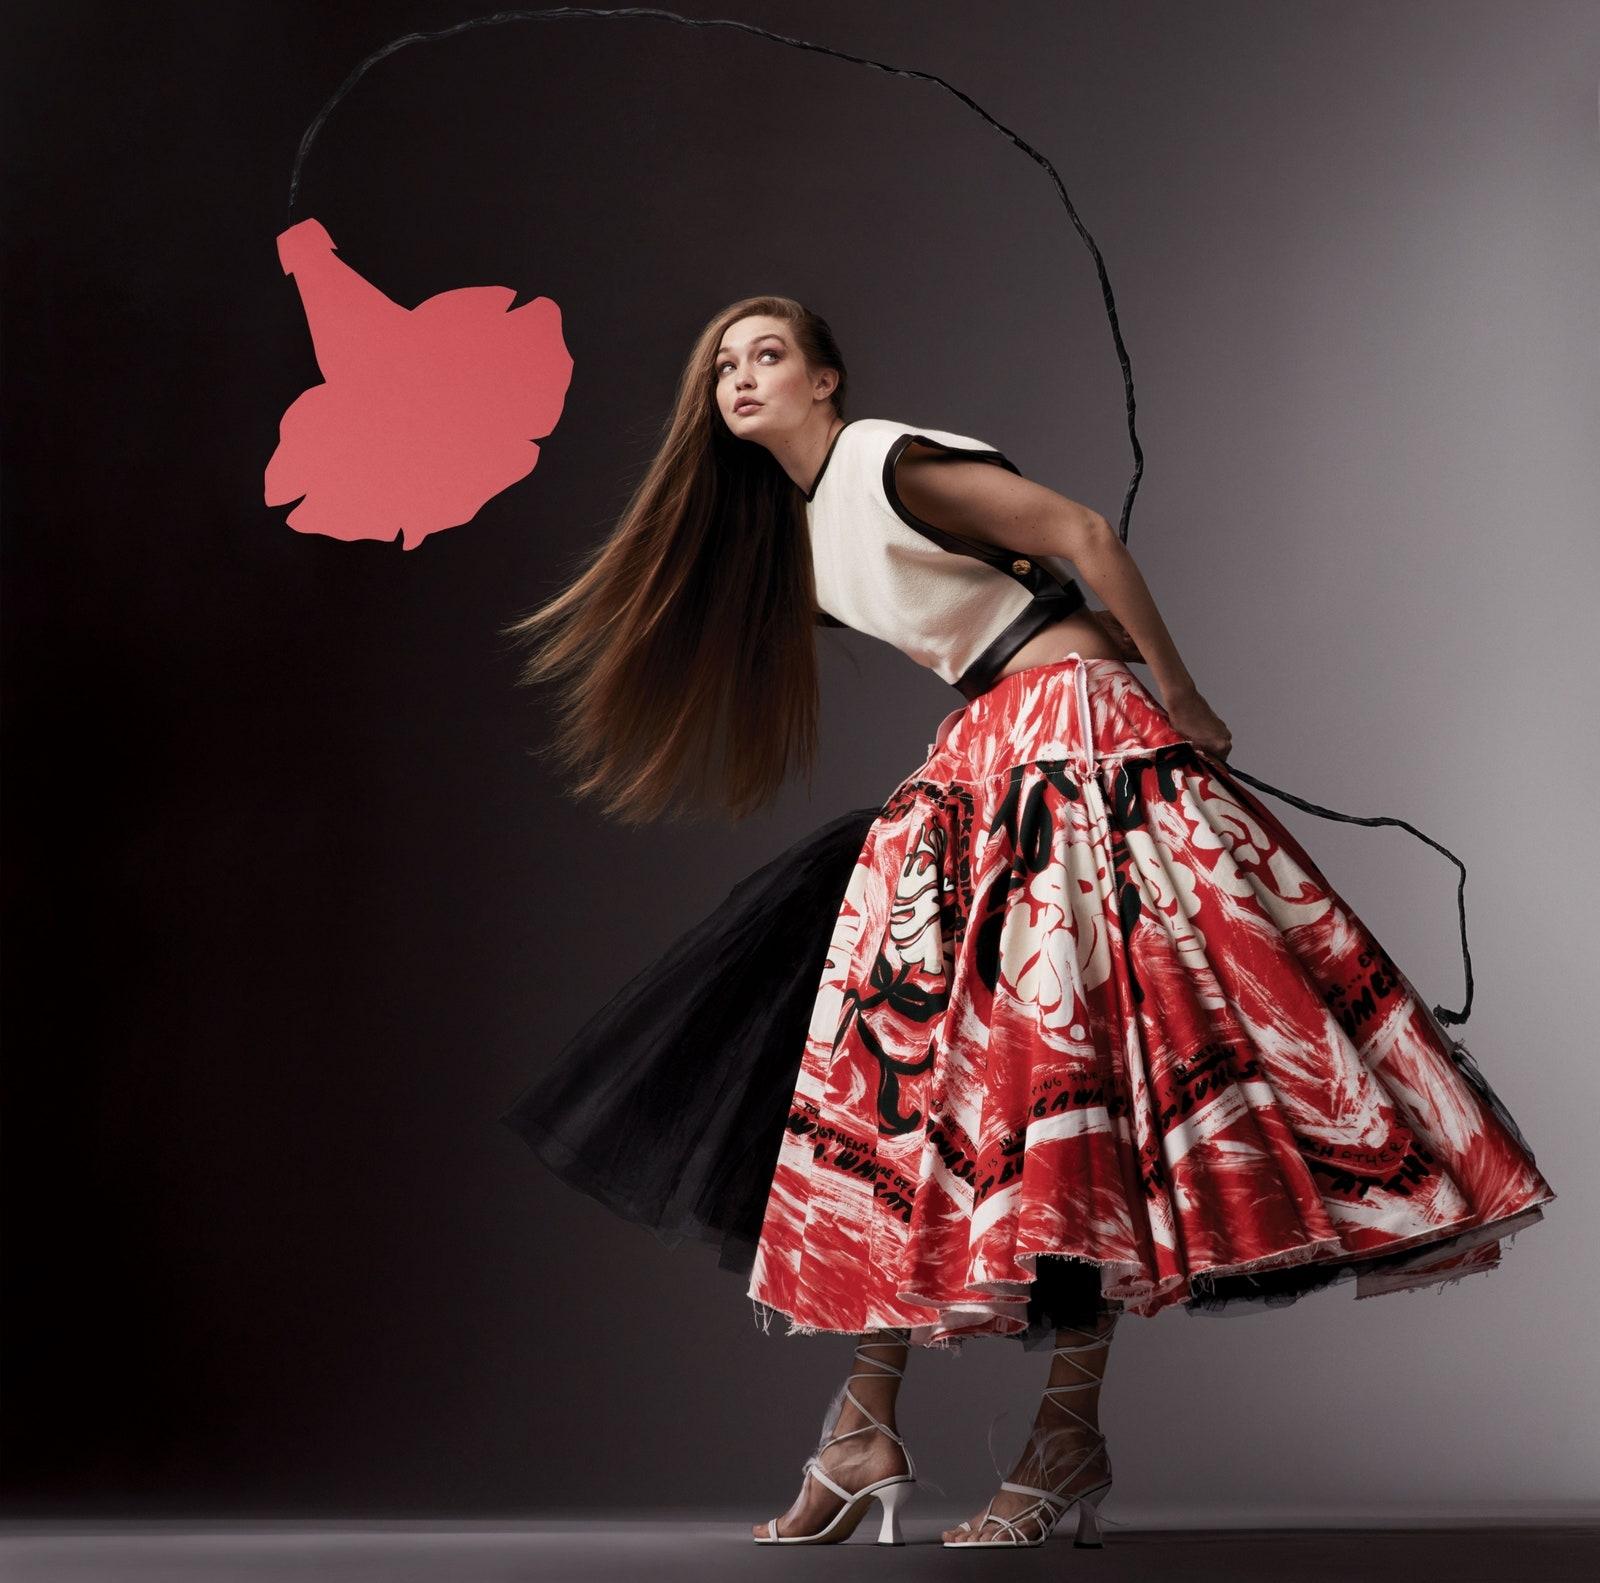 Джиджи Хадид впервые появилась на обложке Vogue после рождения дочери (ФОТО) - фото №2